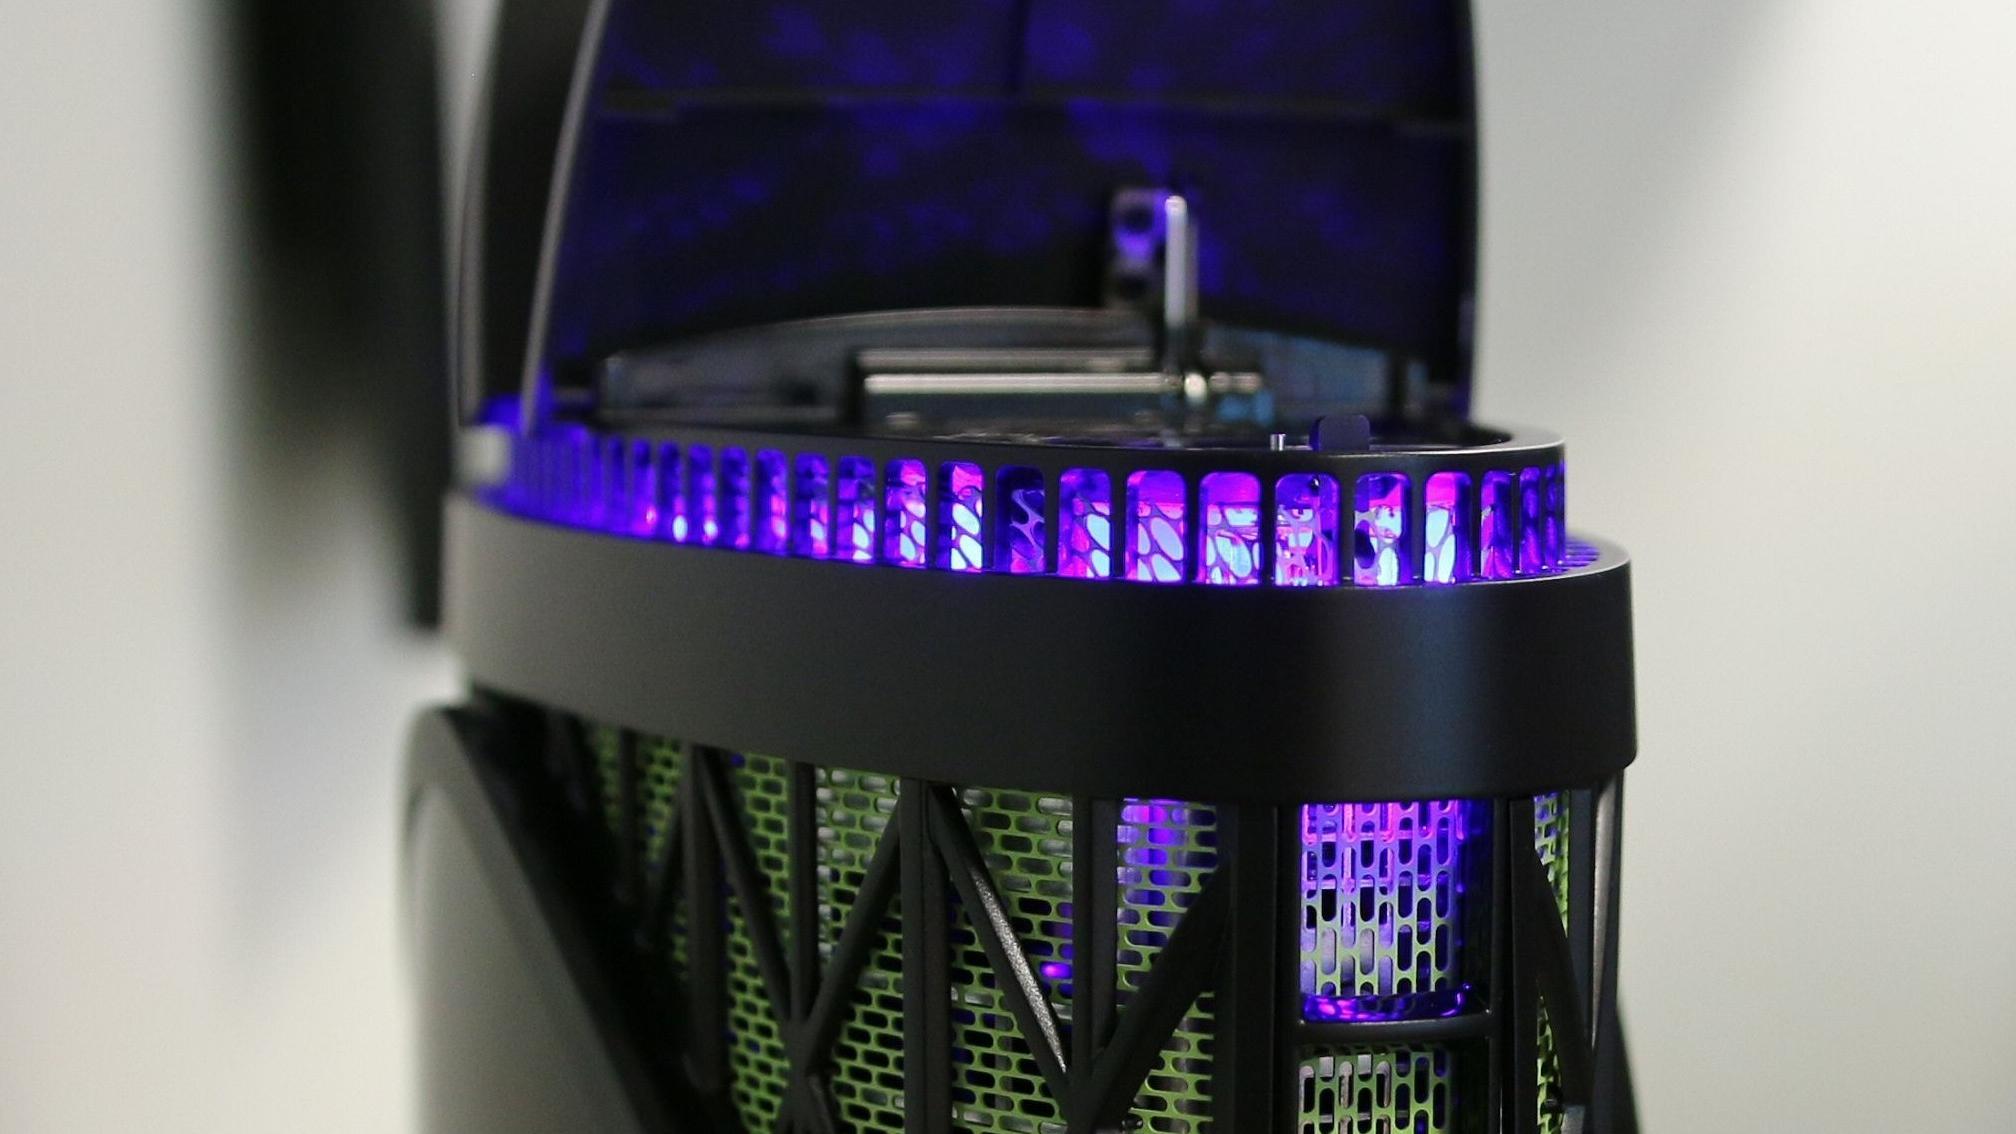 Gigabytes spennende spillmodell har to vifteluker som spretter opp hvis maskinen blir for varm